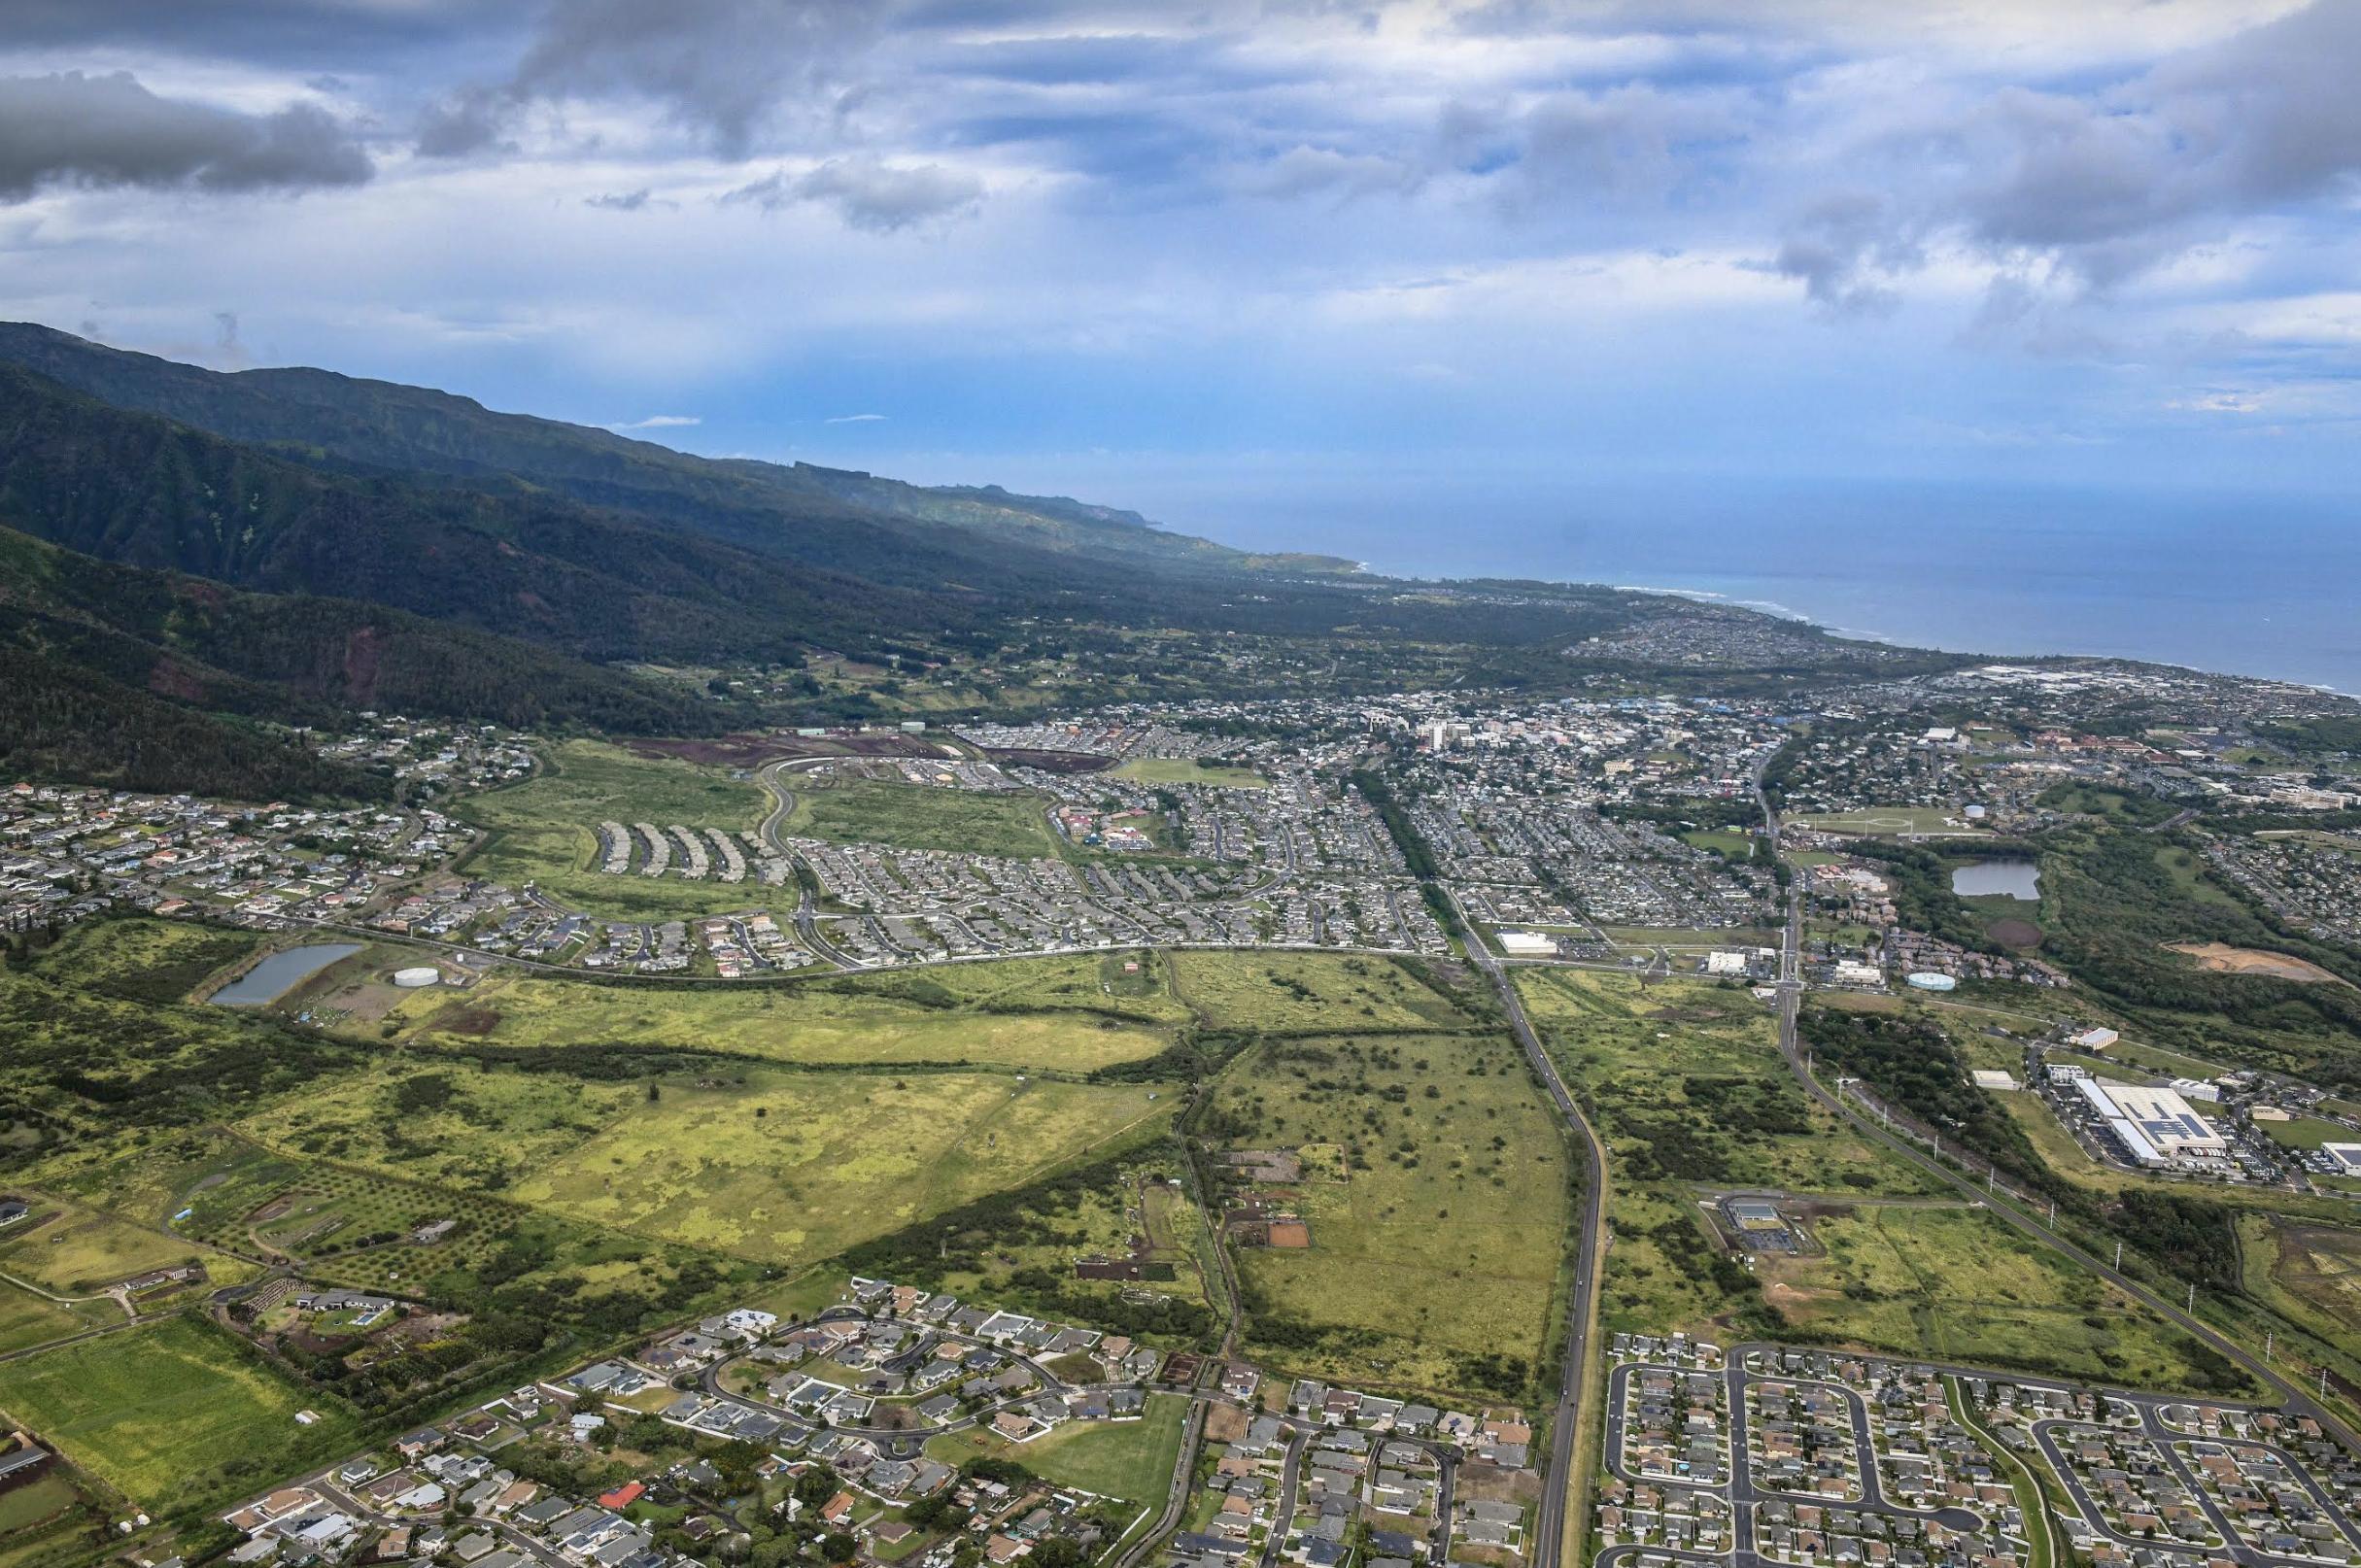 DHHL Publishes Final EA for Pu'unani Subdivision on Maui